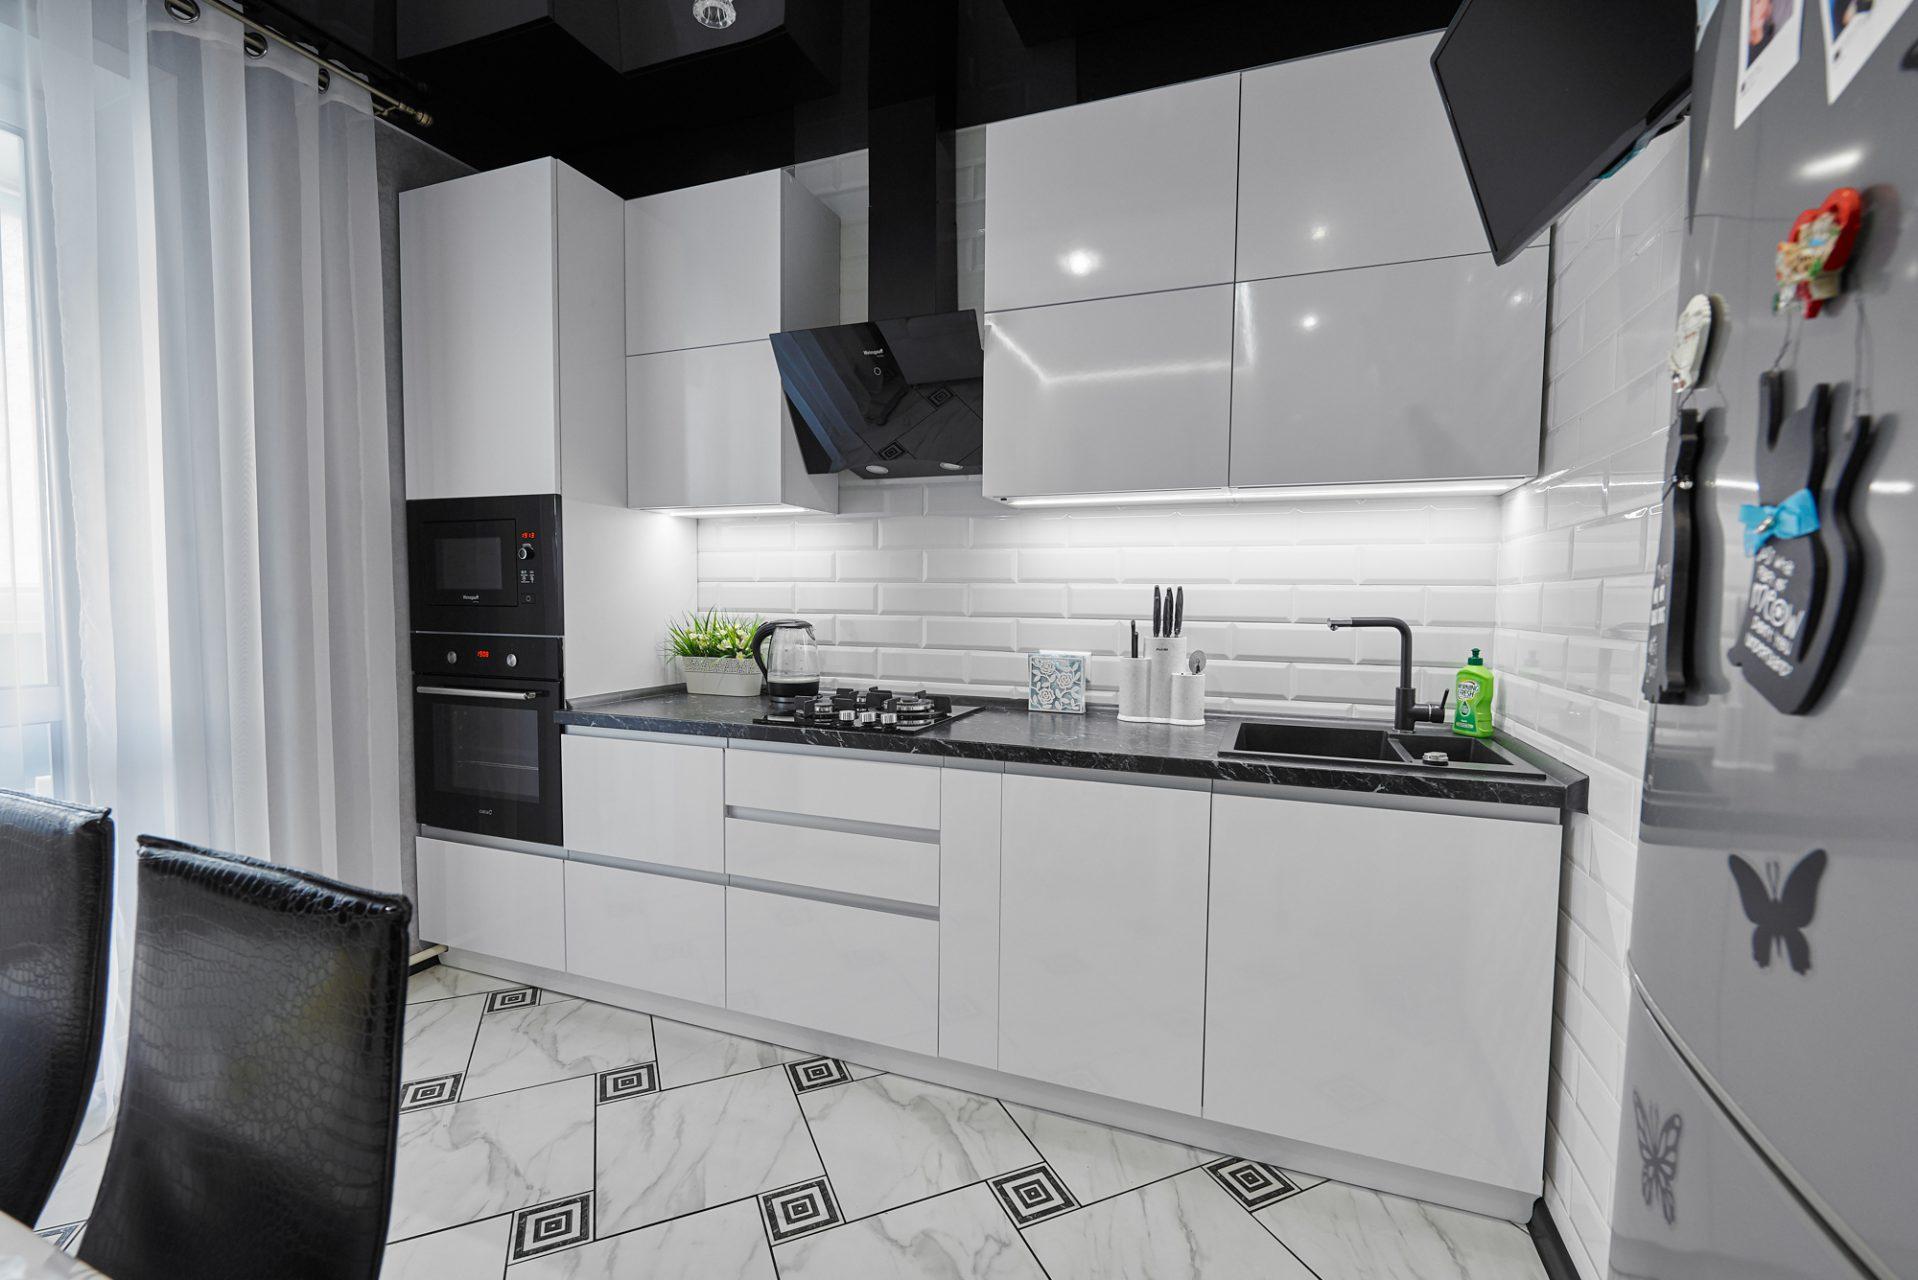 002_interior_kitchen6_korneychikeu